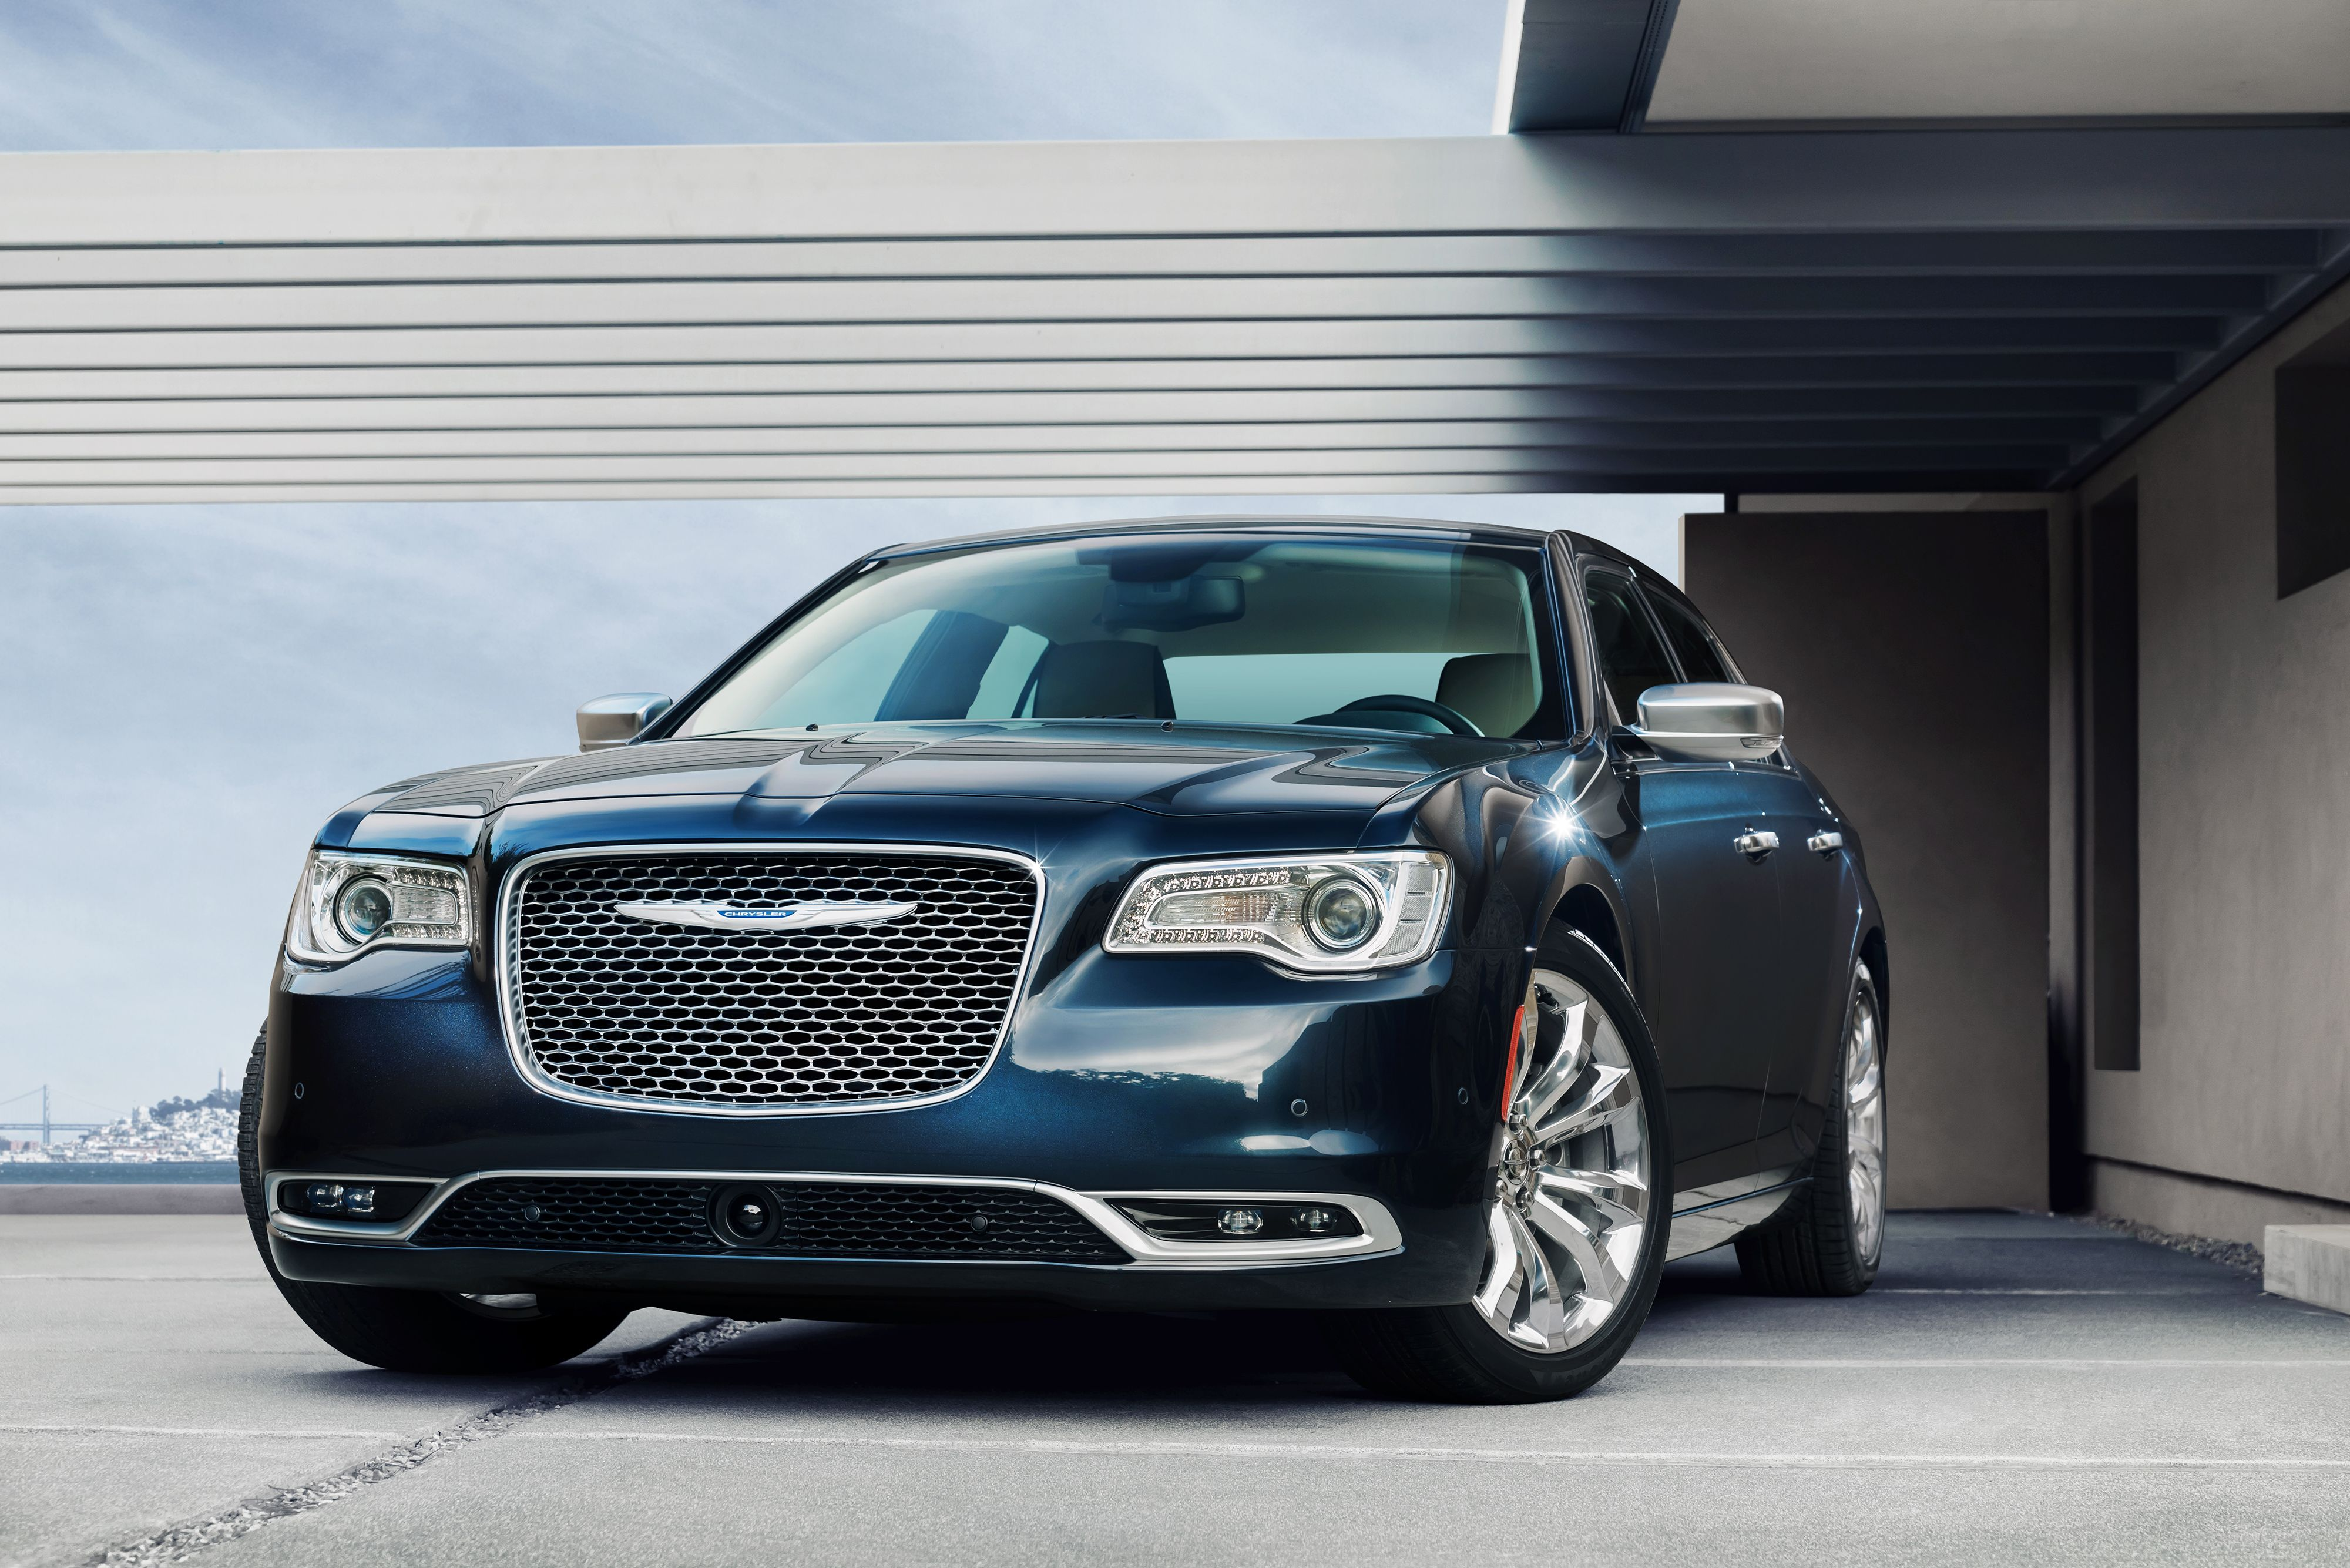 2015 Chrysler 300C Platinum Future Motor Goals